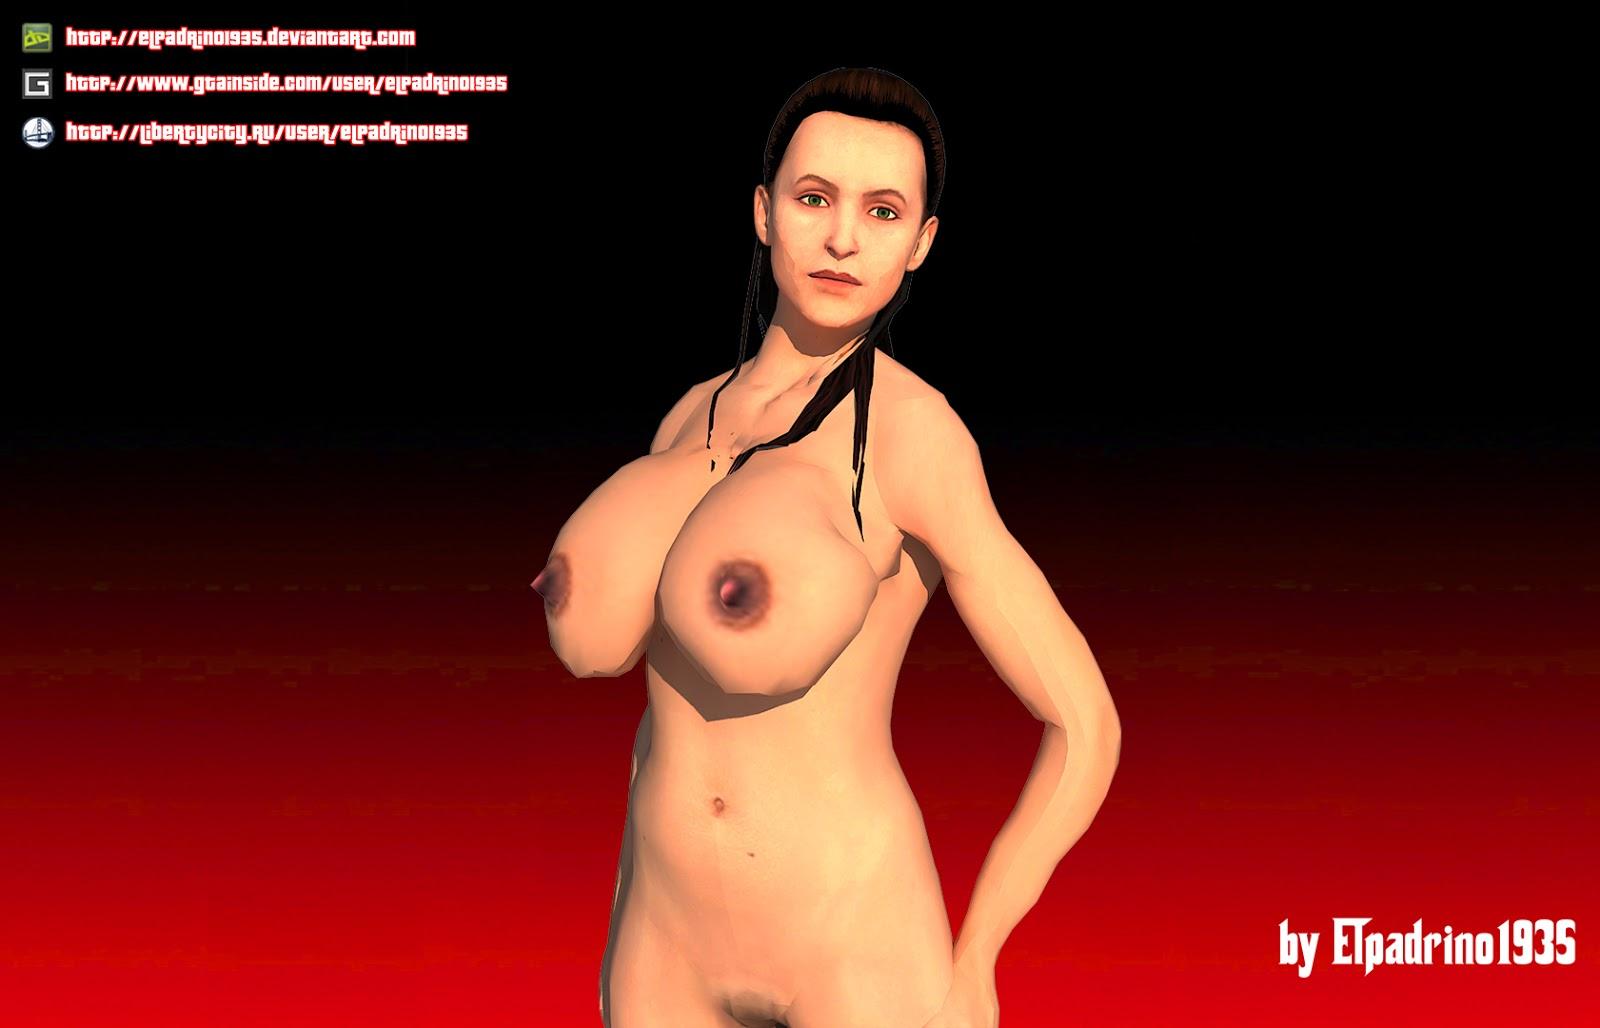 Dildo huge movie sex